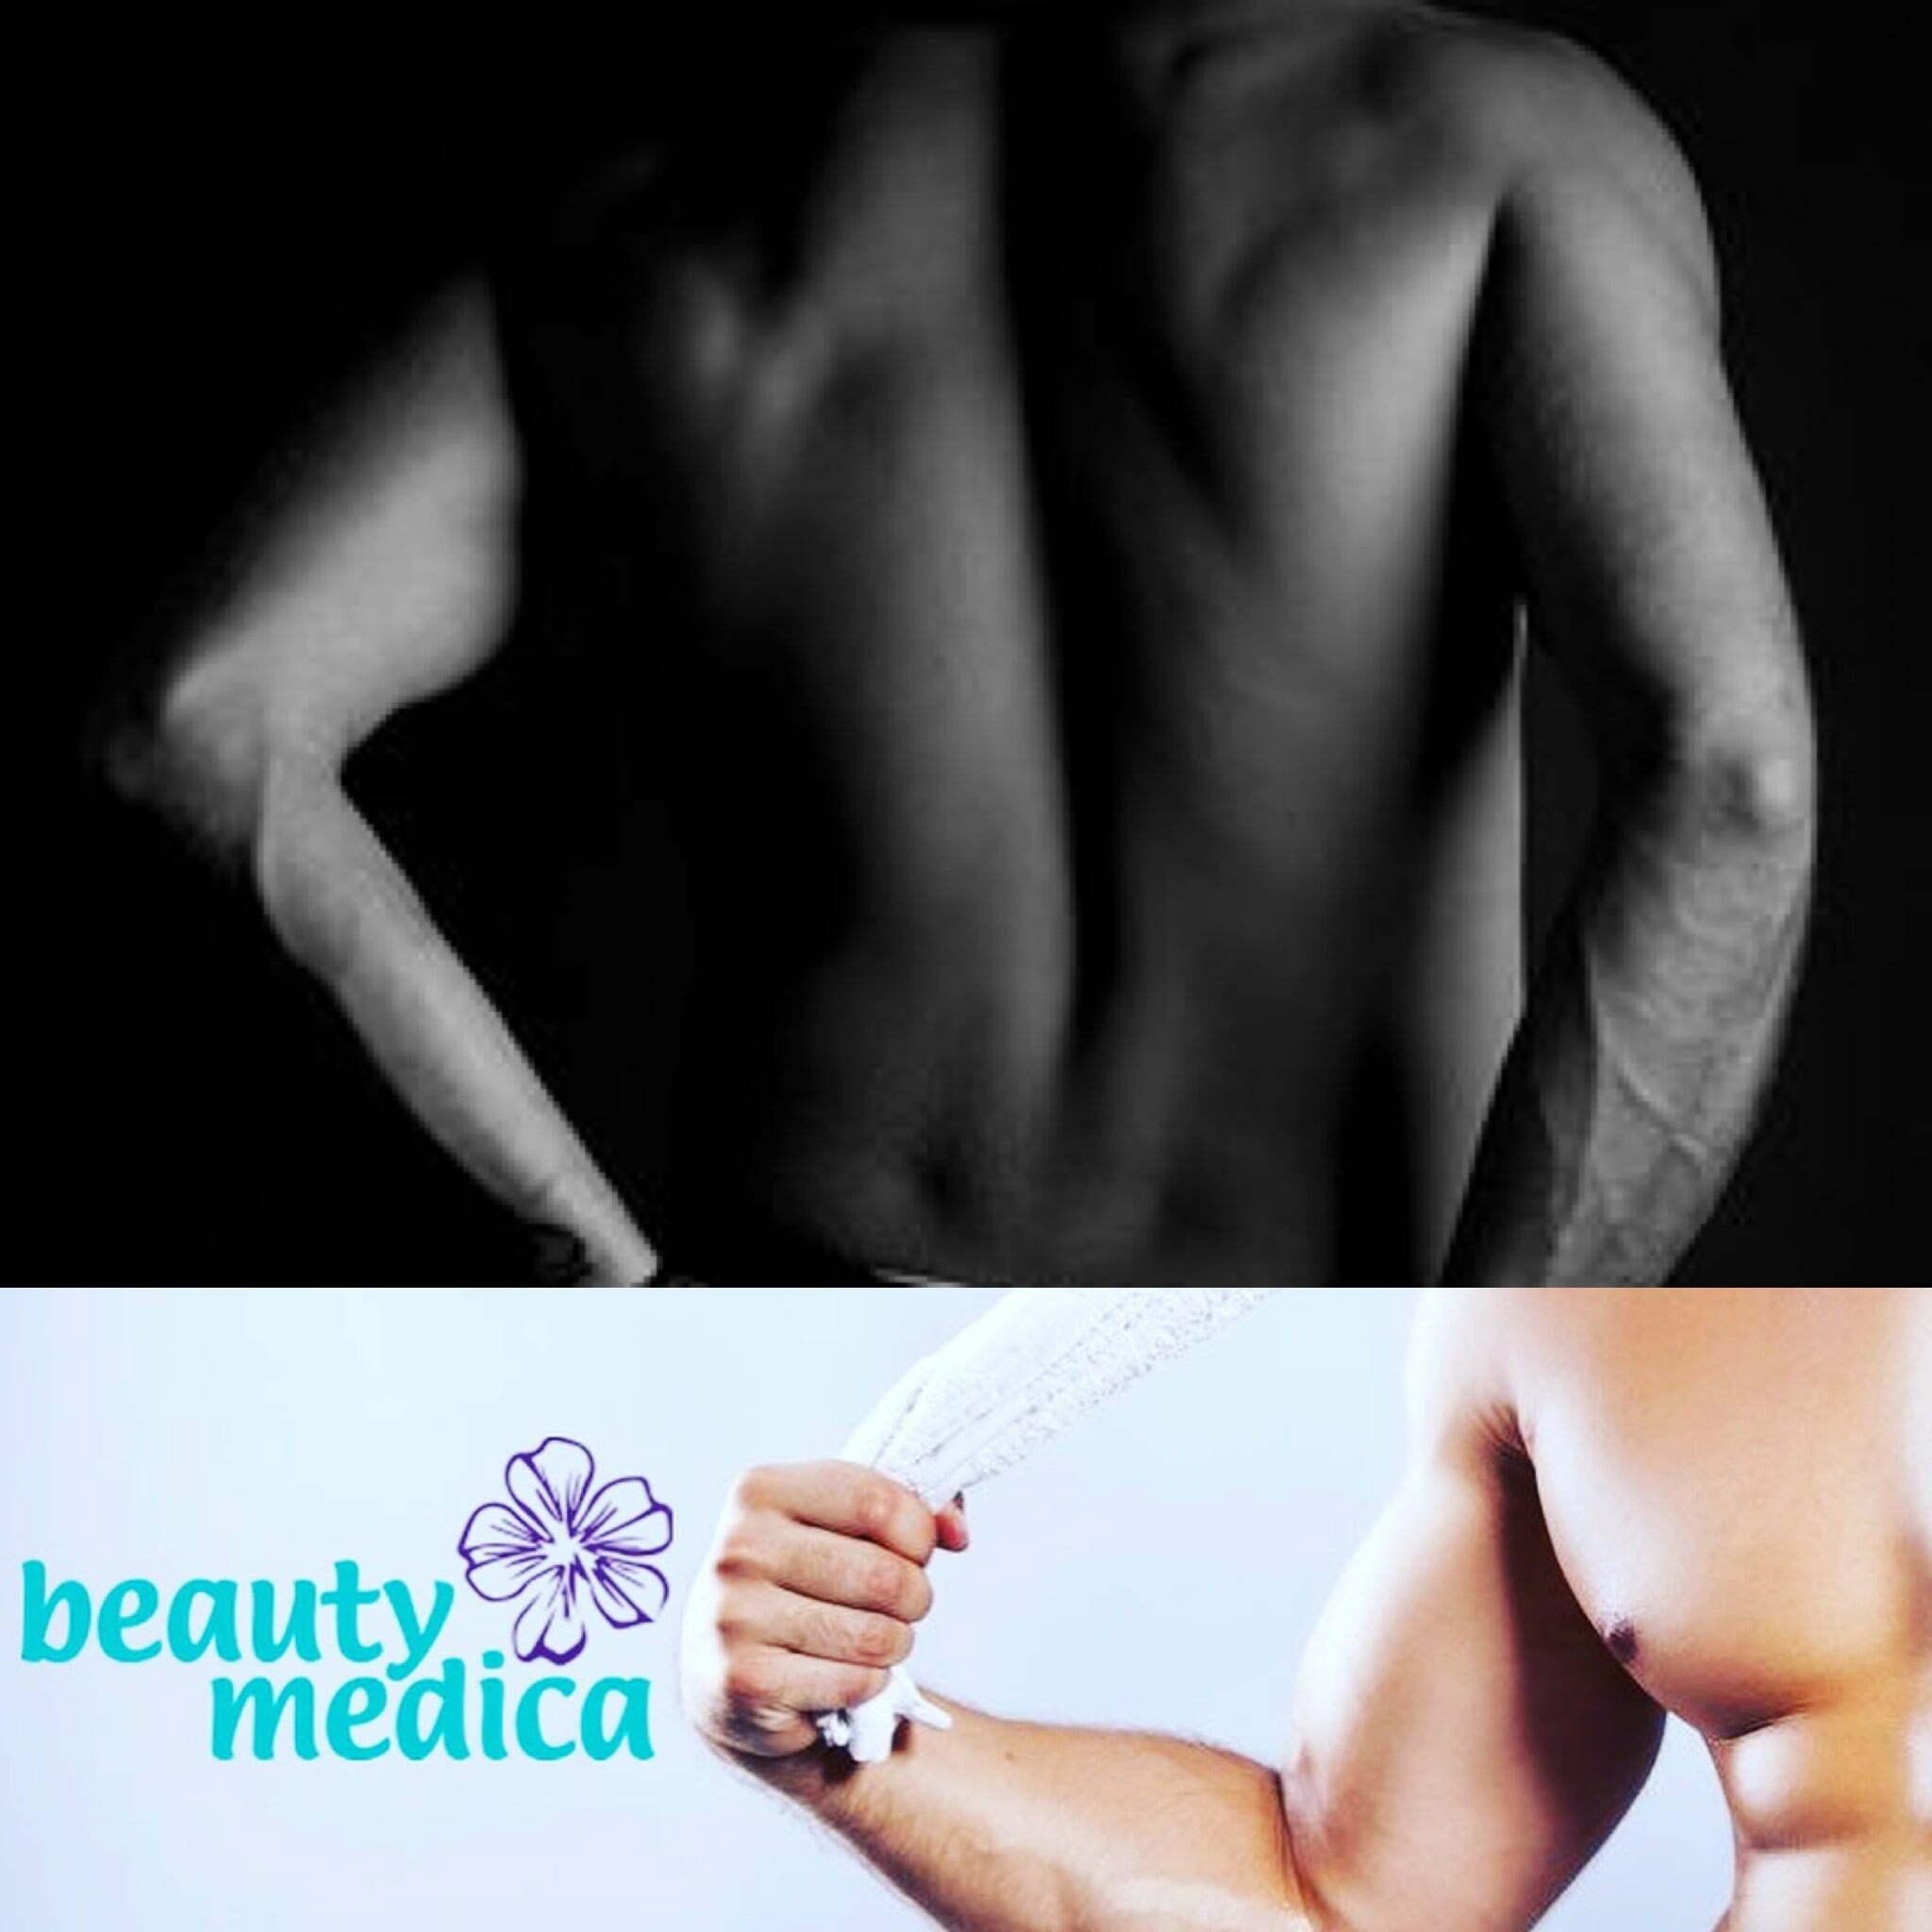 My też się epilujemy, czyli laserowa depilacja u mężczyzny.